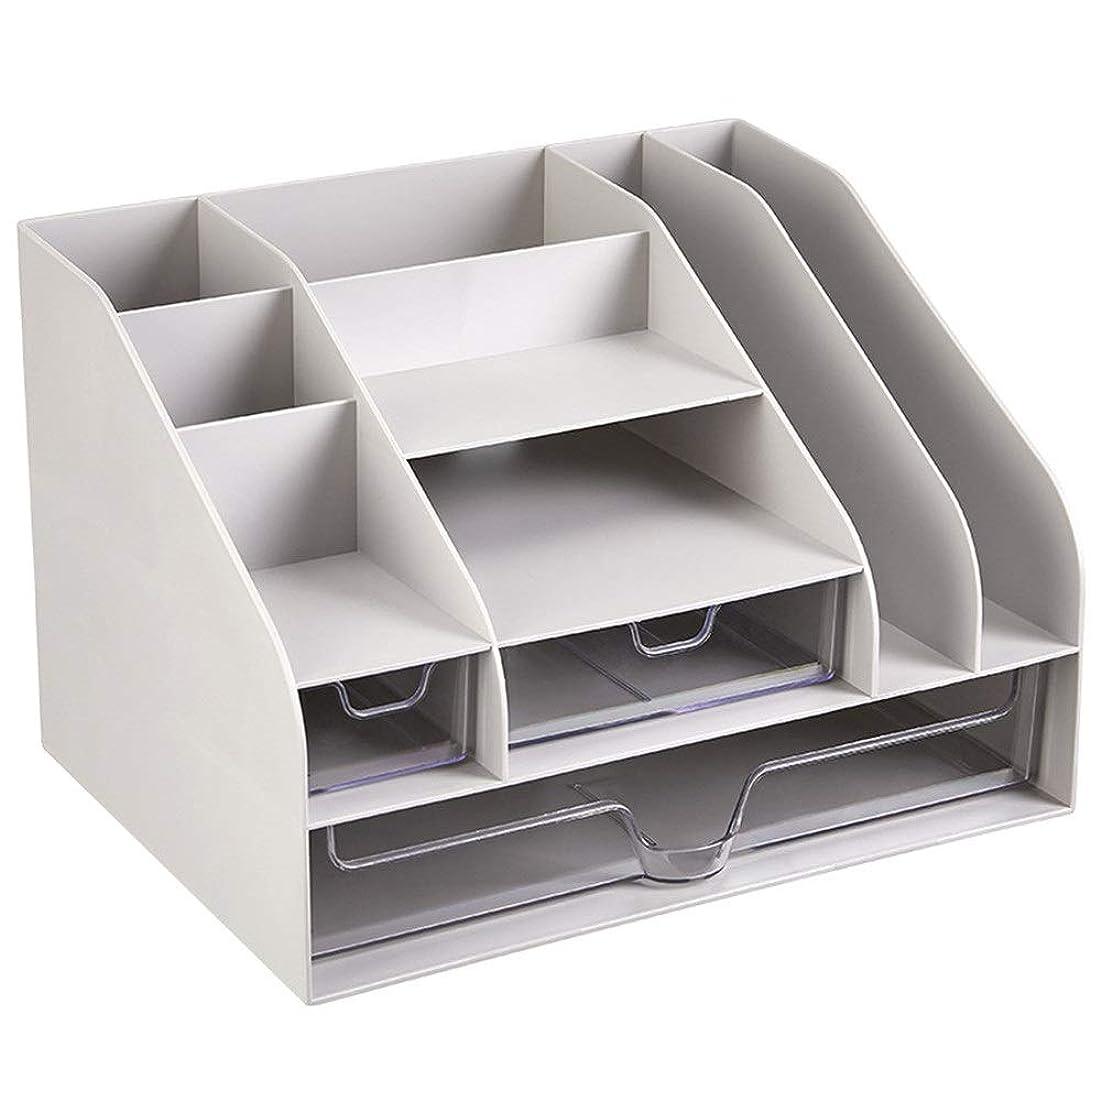 火曜日パパカートデスクオーガナイザー 透明マルチレイヤストレージボックス付き引き出し肥厚ファイルラック多機能Officeファイルラック (Color : Gray, Size : 31.8X24.5X21.5cm)